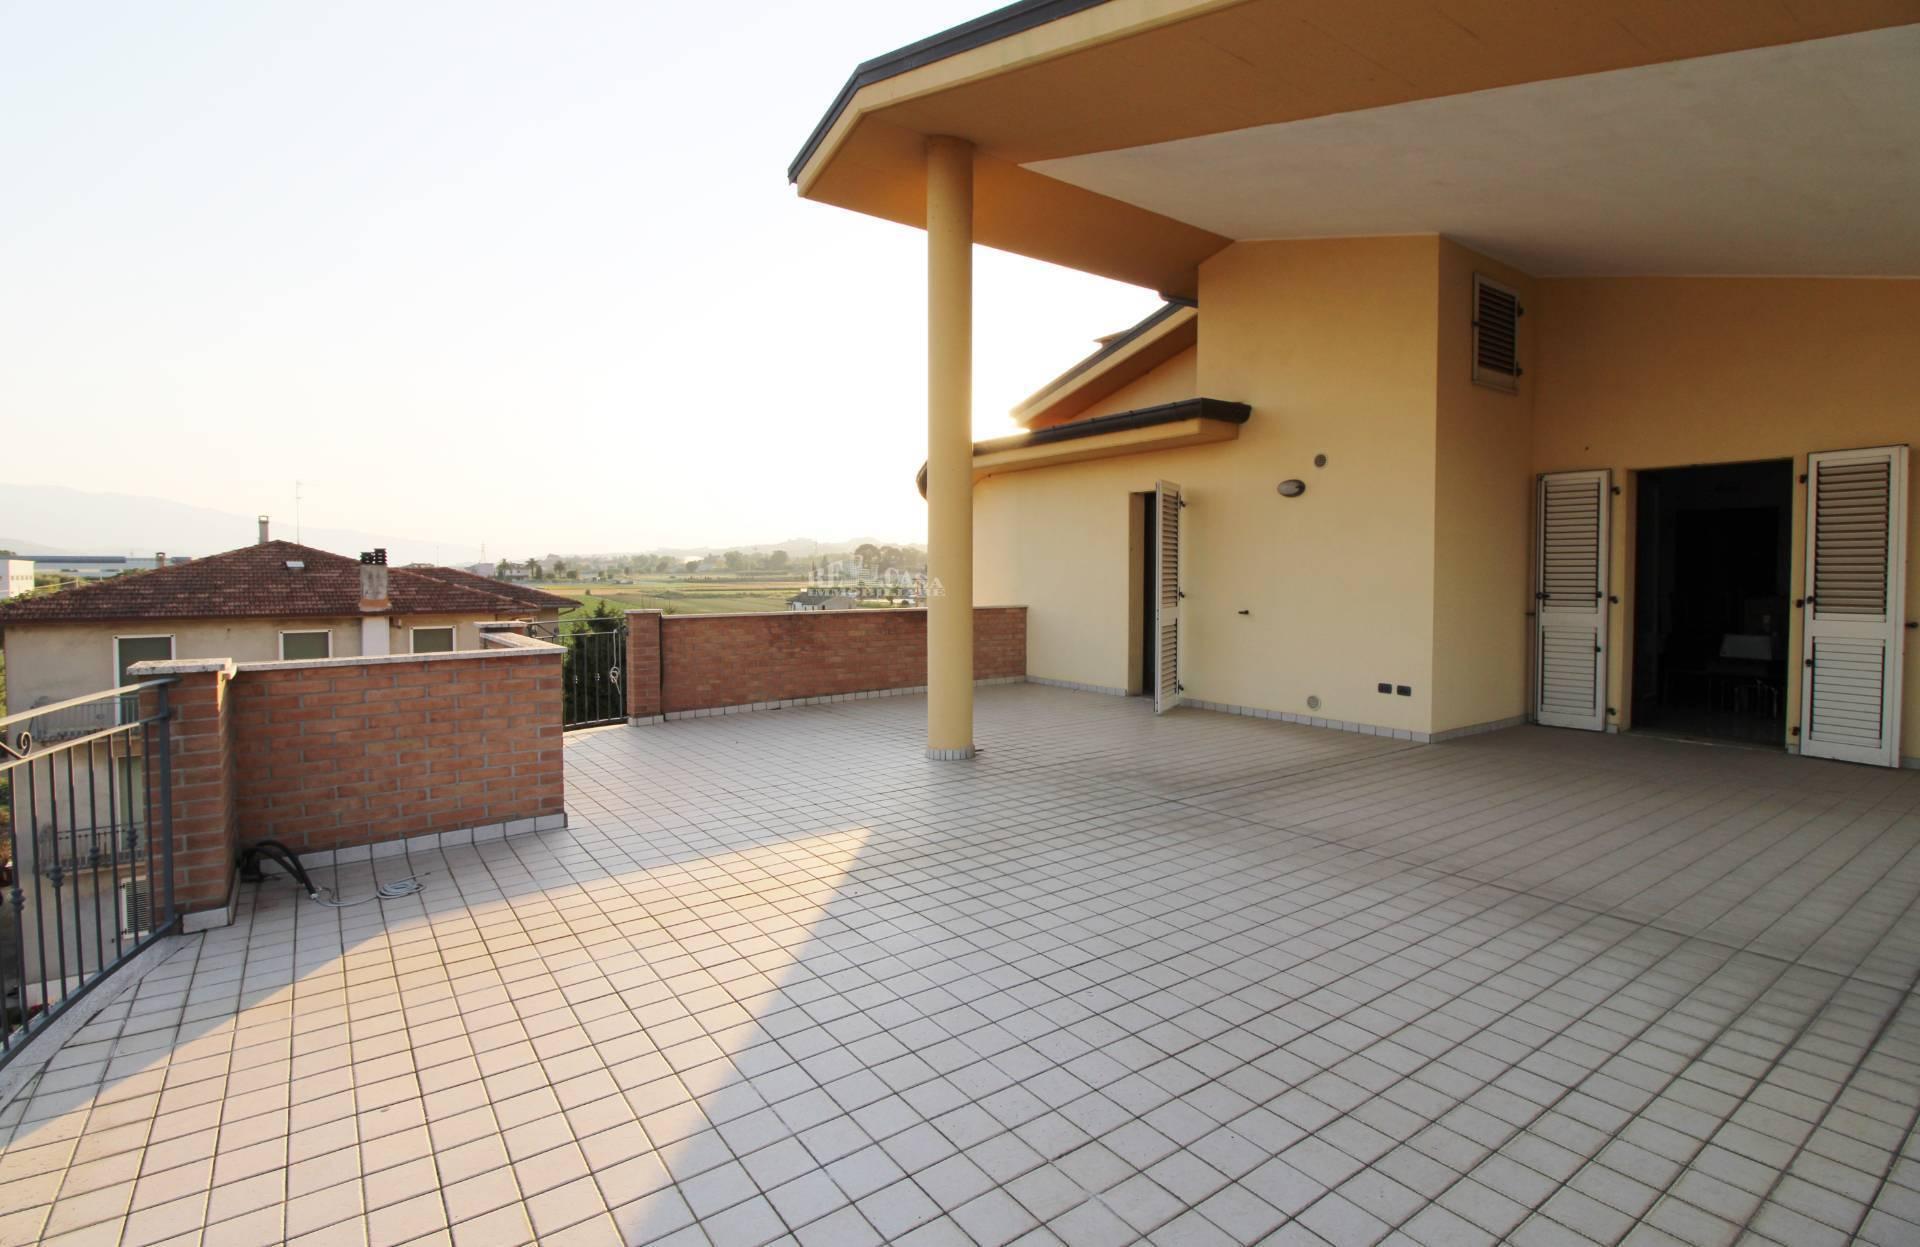 Appartamento in vendita a Monteprandone, 4 locali, zona Località: CENTOBUCHI(sottolasalaria, prezzo € 220.000   PortaleAgenzieImmobiliari.it